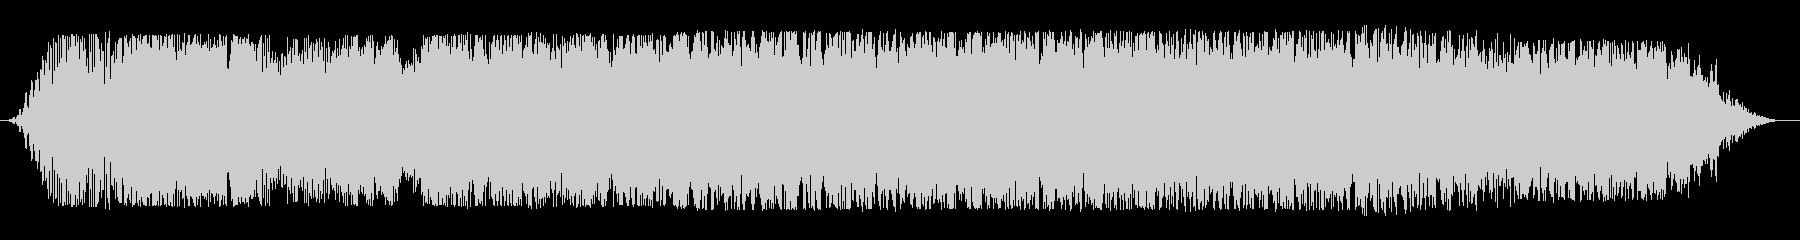 宇宙船通過(上り調子・音色3種)の未再生の波形